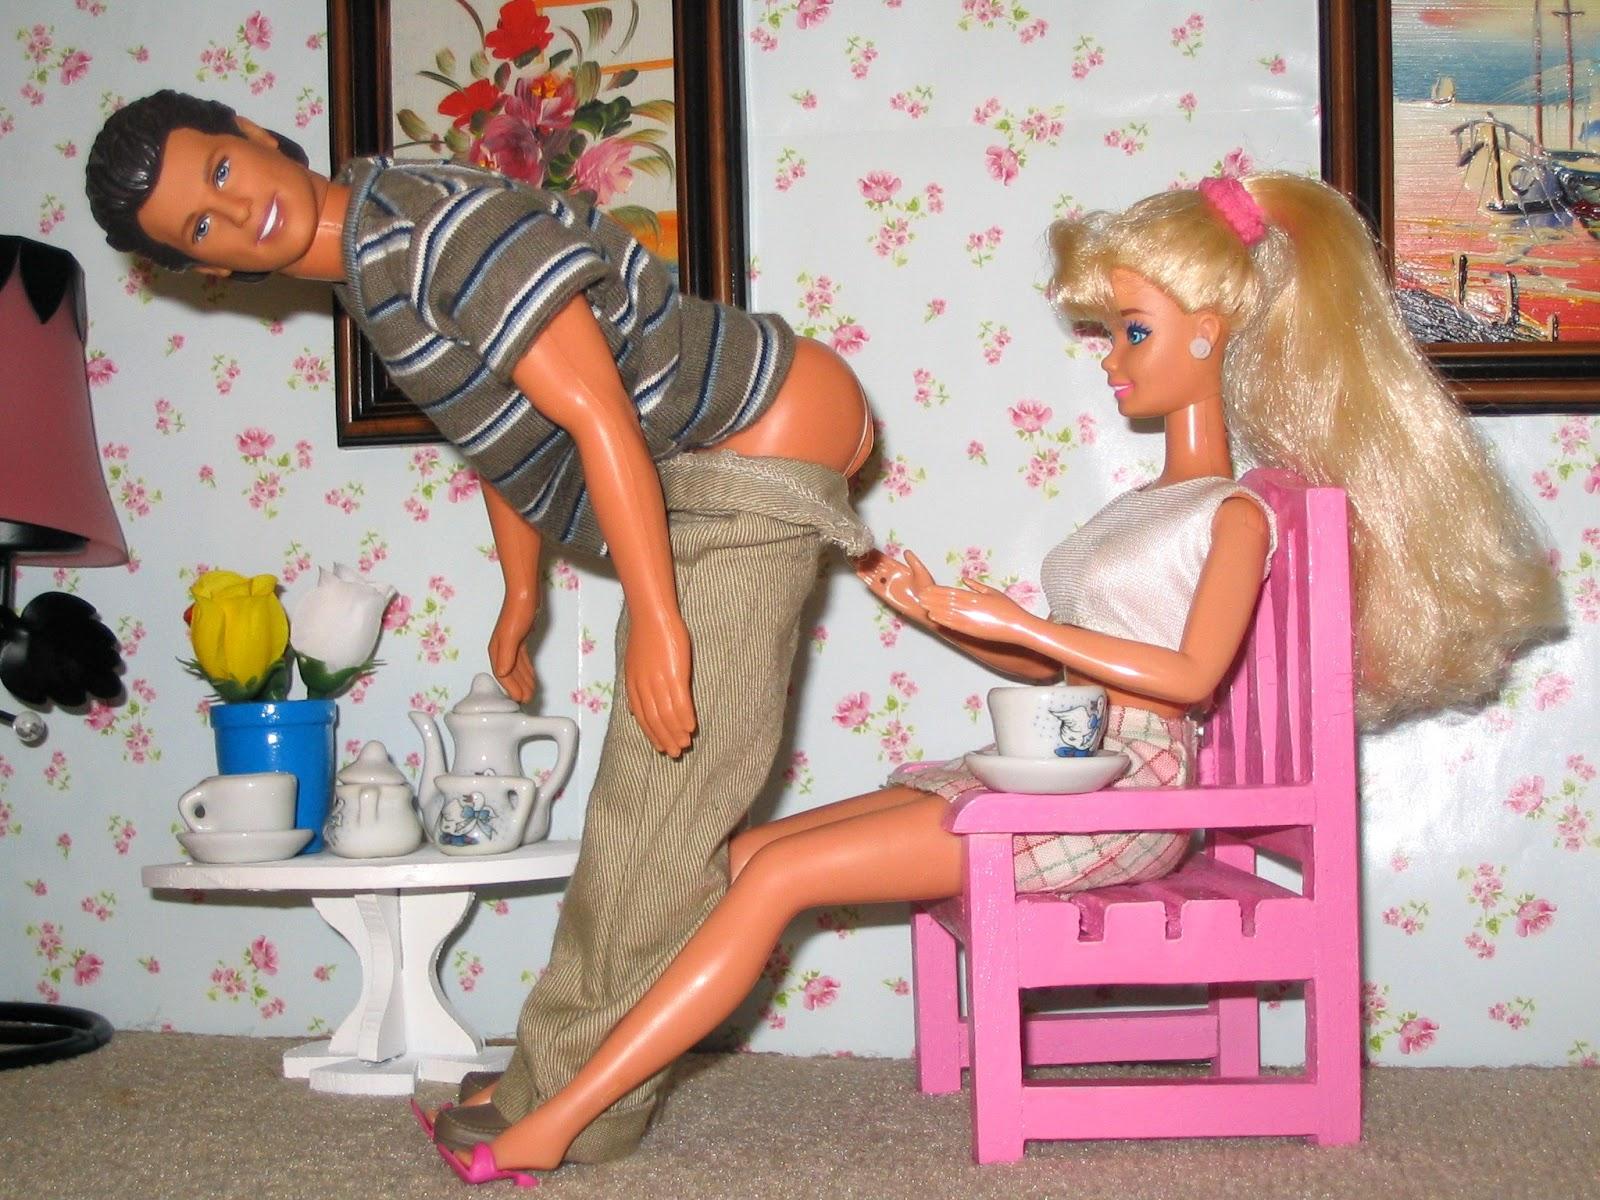 Фото секс игрушек кукол #11